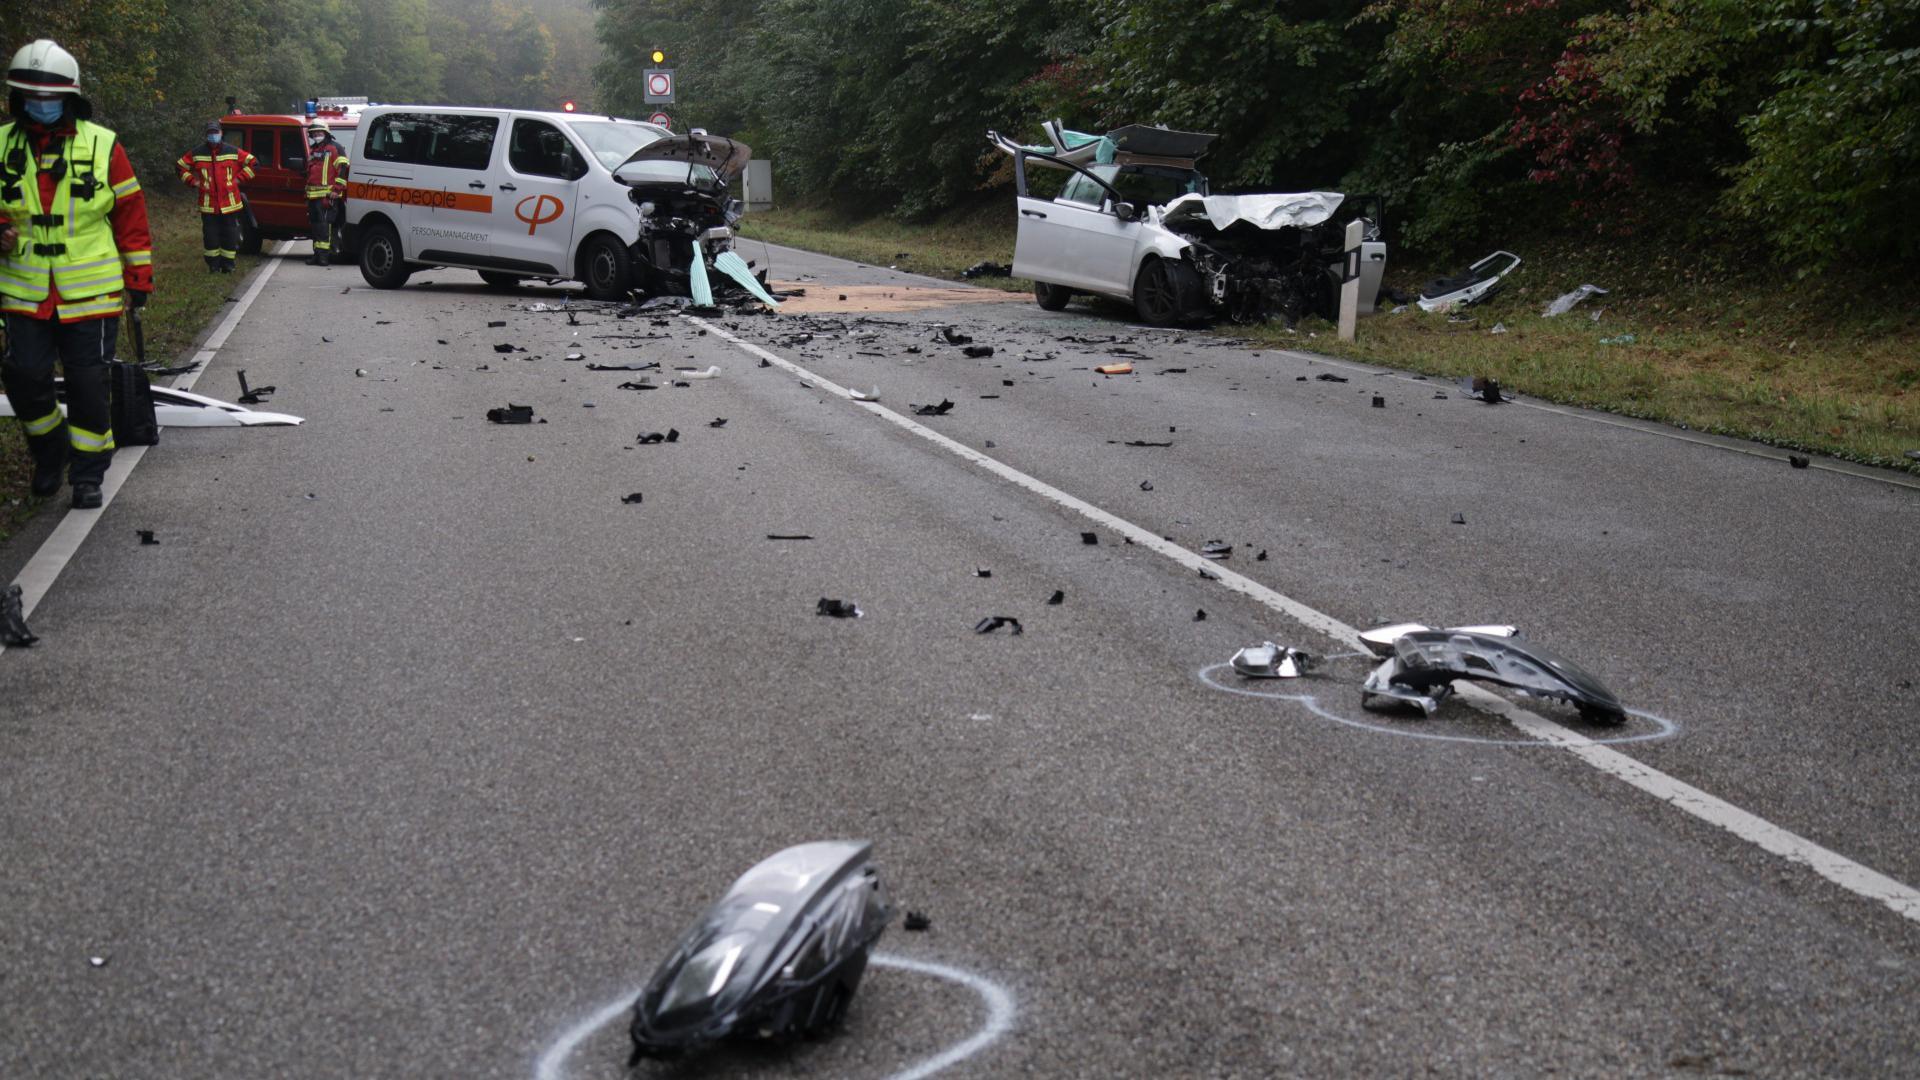 Die Feuerwehr musste die beiden schwer verletzten Fahrer aus ihren Fahrzeugen befreien.